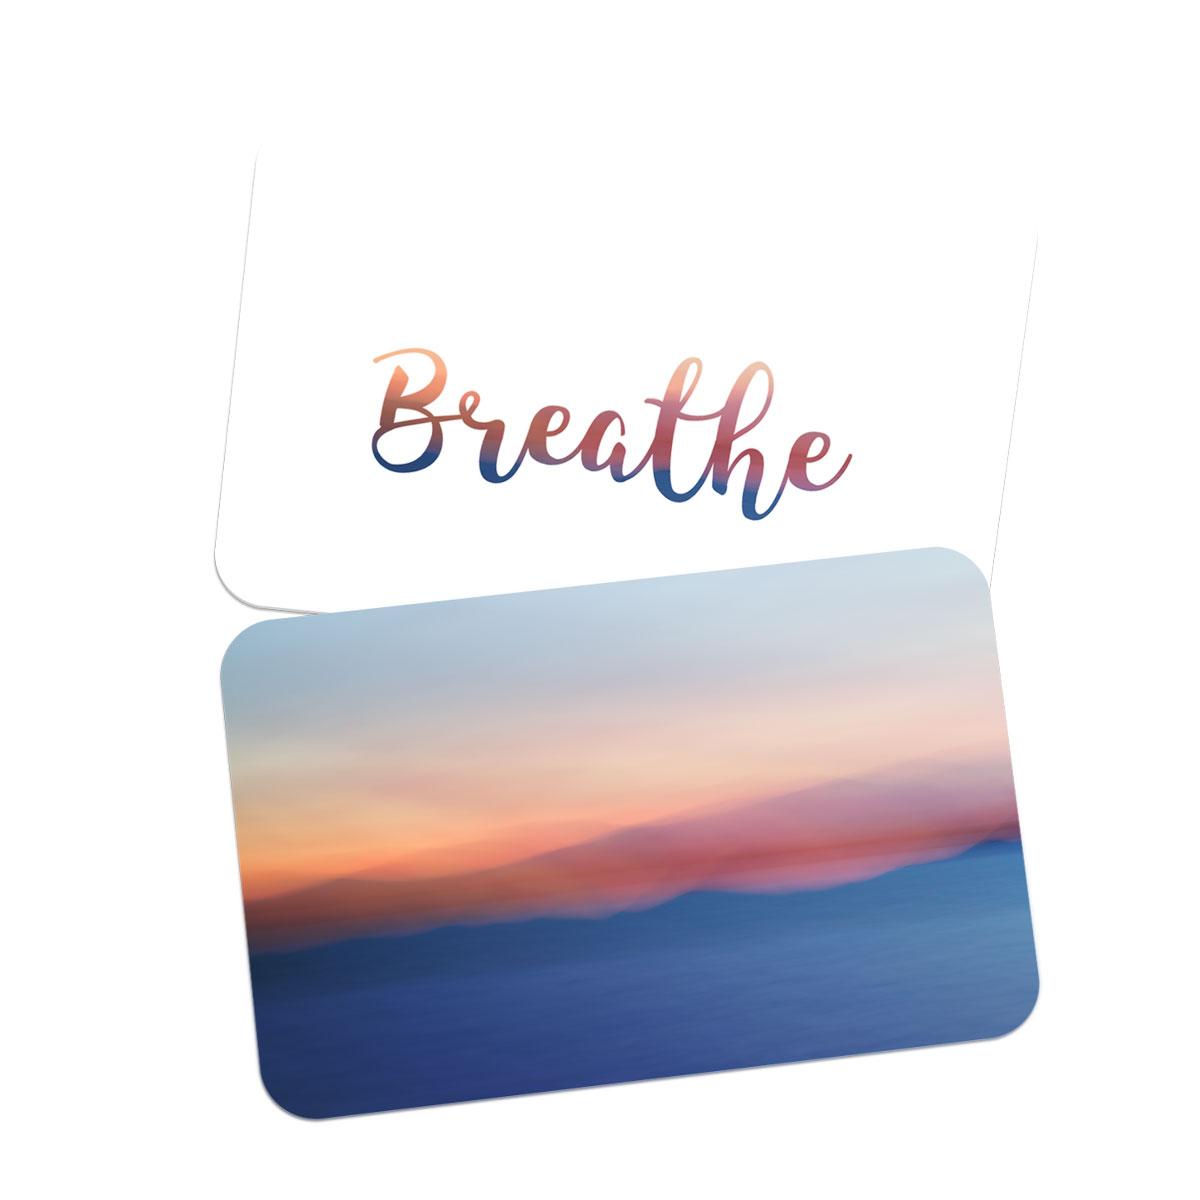 Breathe_Square.jpg